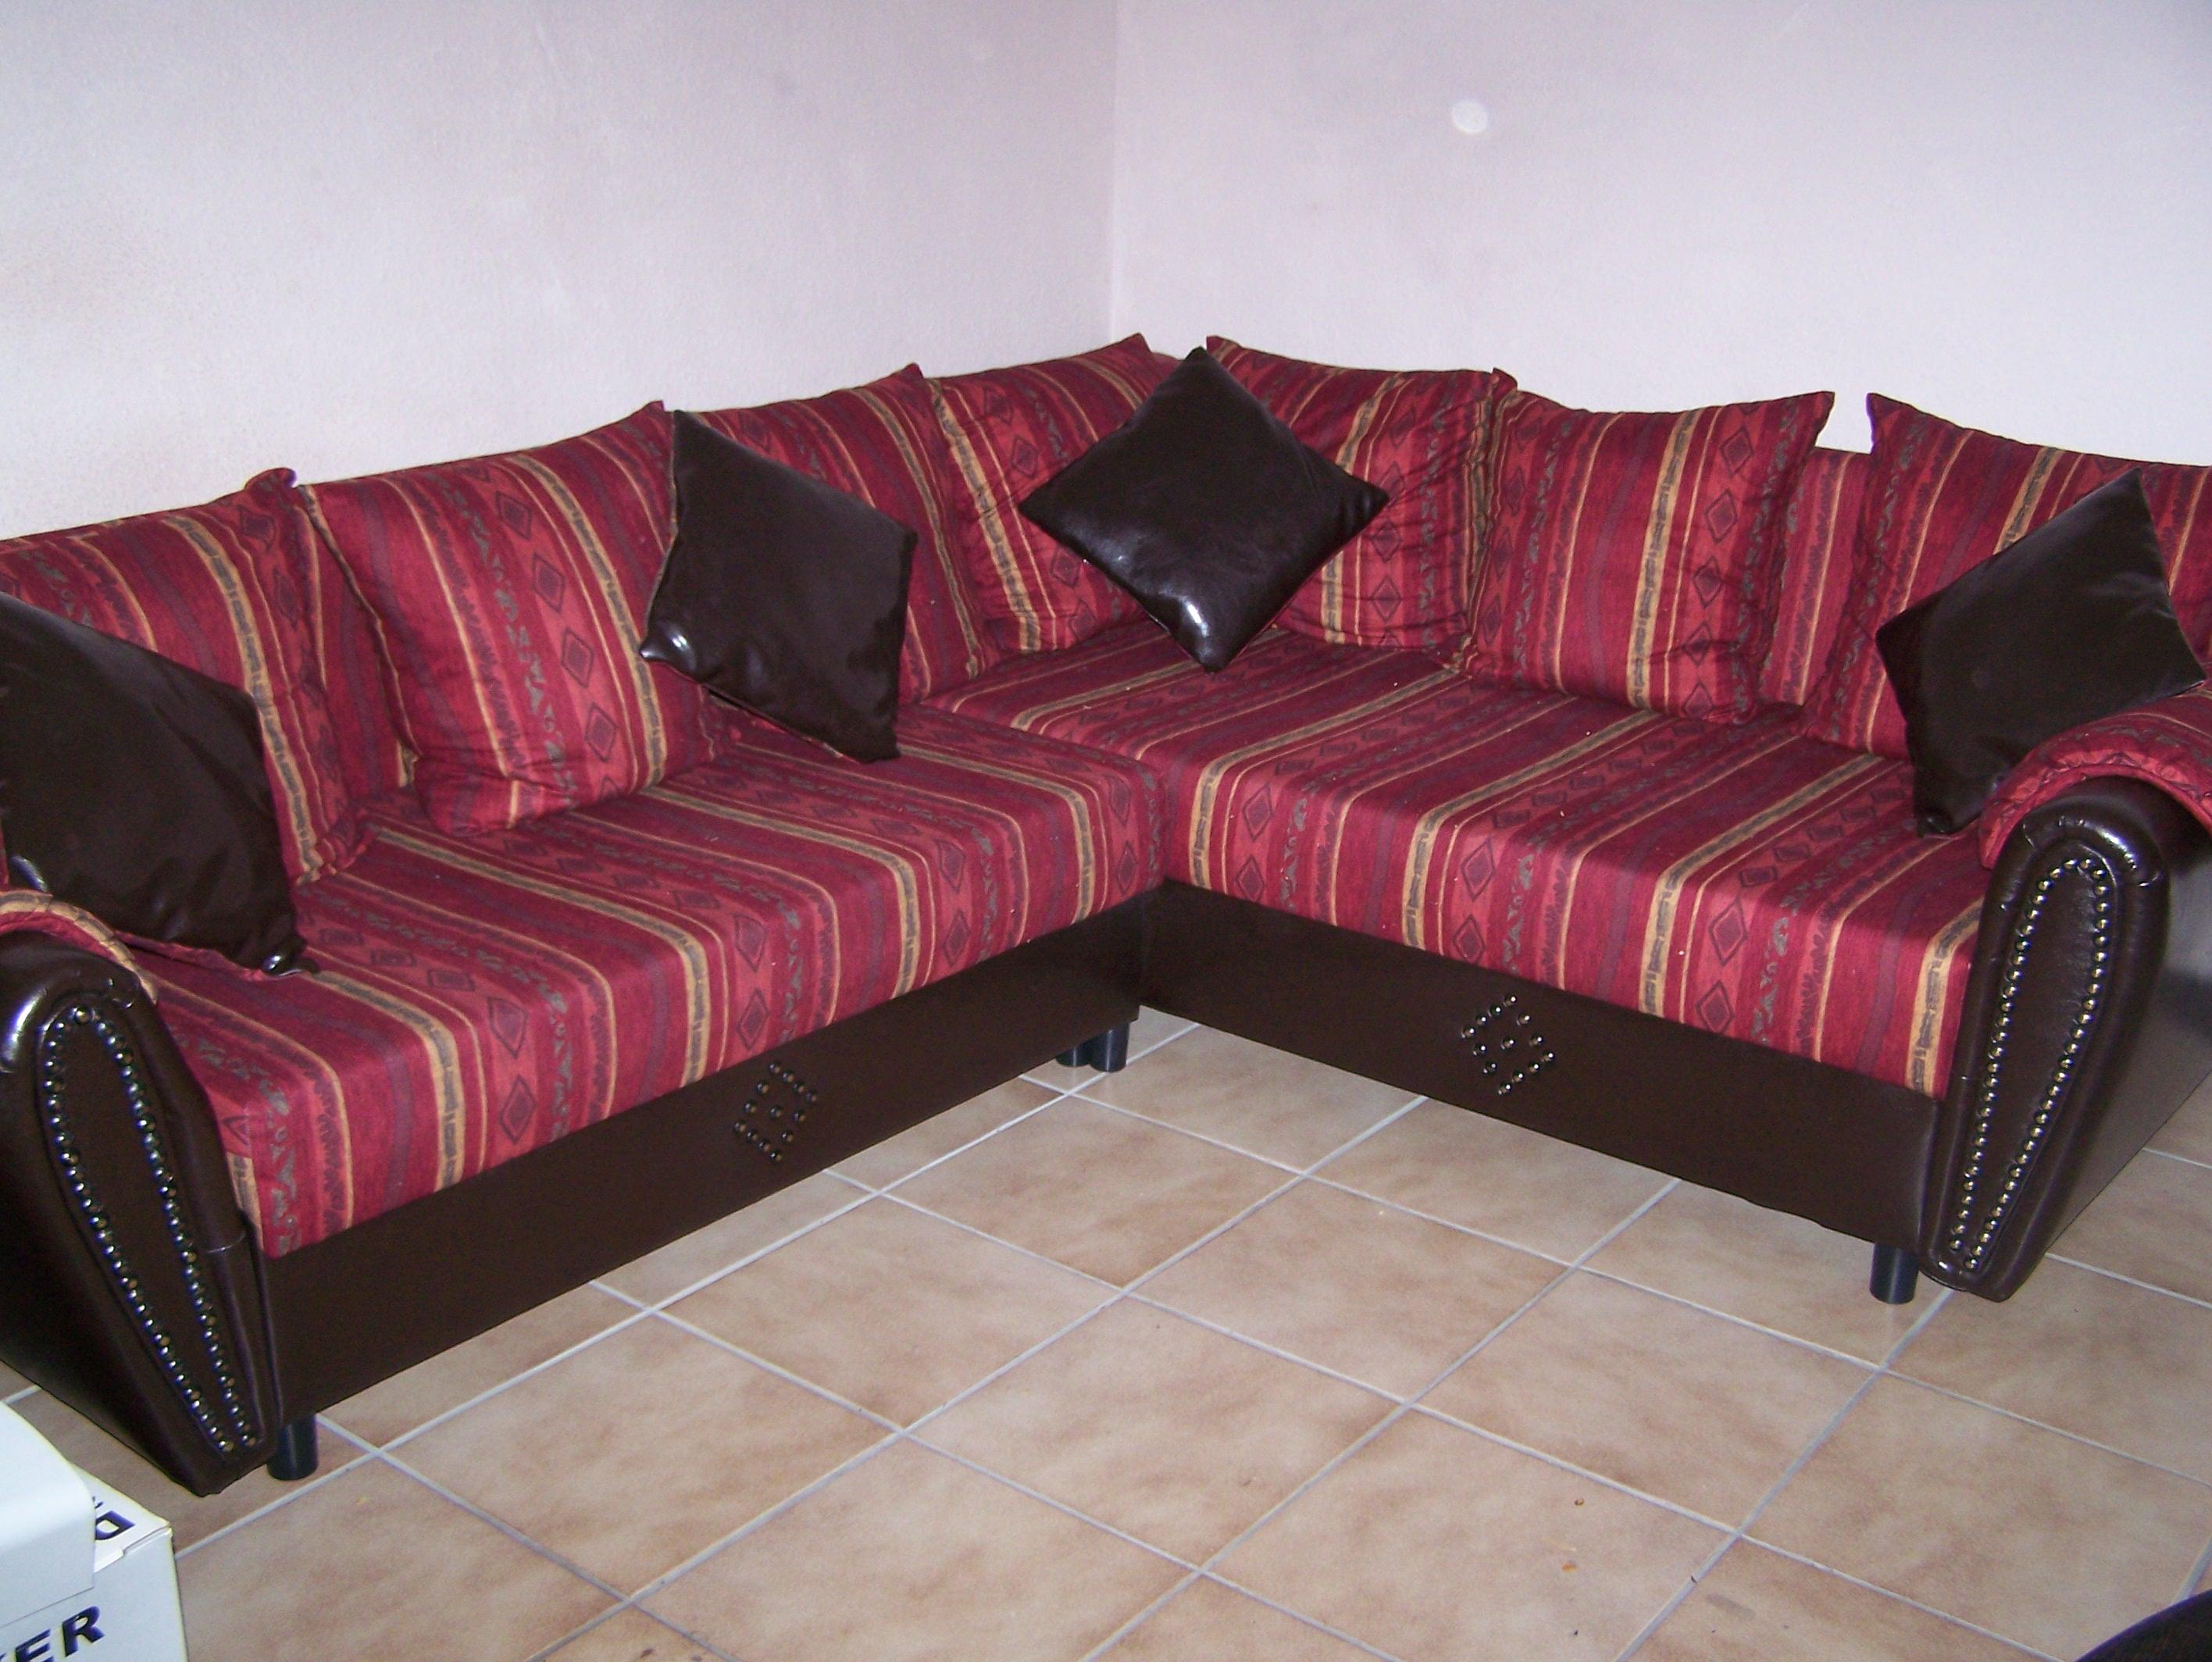 gebrauchte mbel awesome tv sessel tv sessel gebraucht leder with gebrauchte mbel gebrauchte. Black Bedroom Furniture Sets. Home Design Ideas